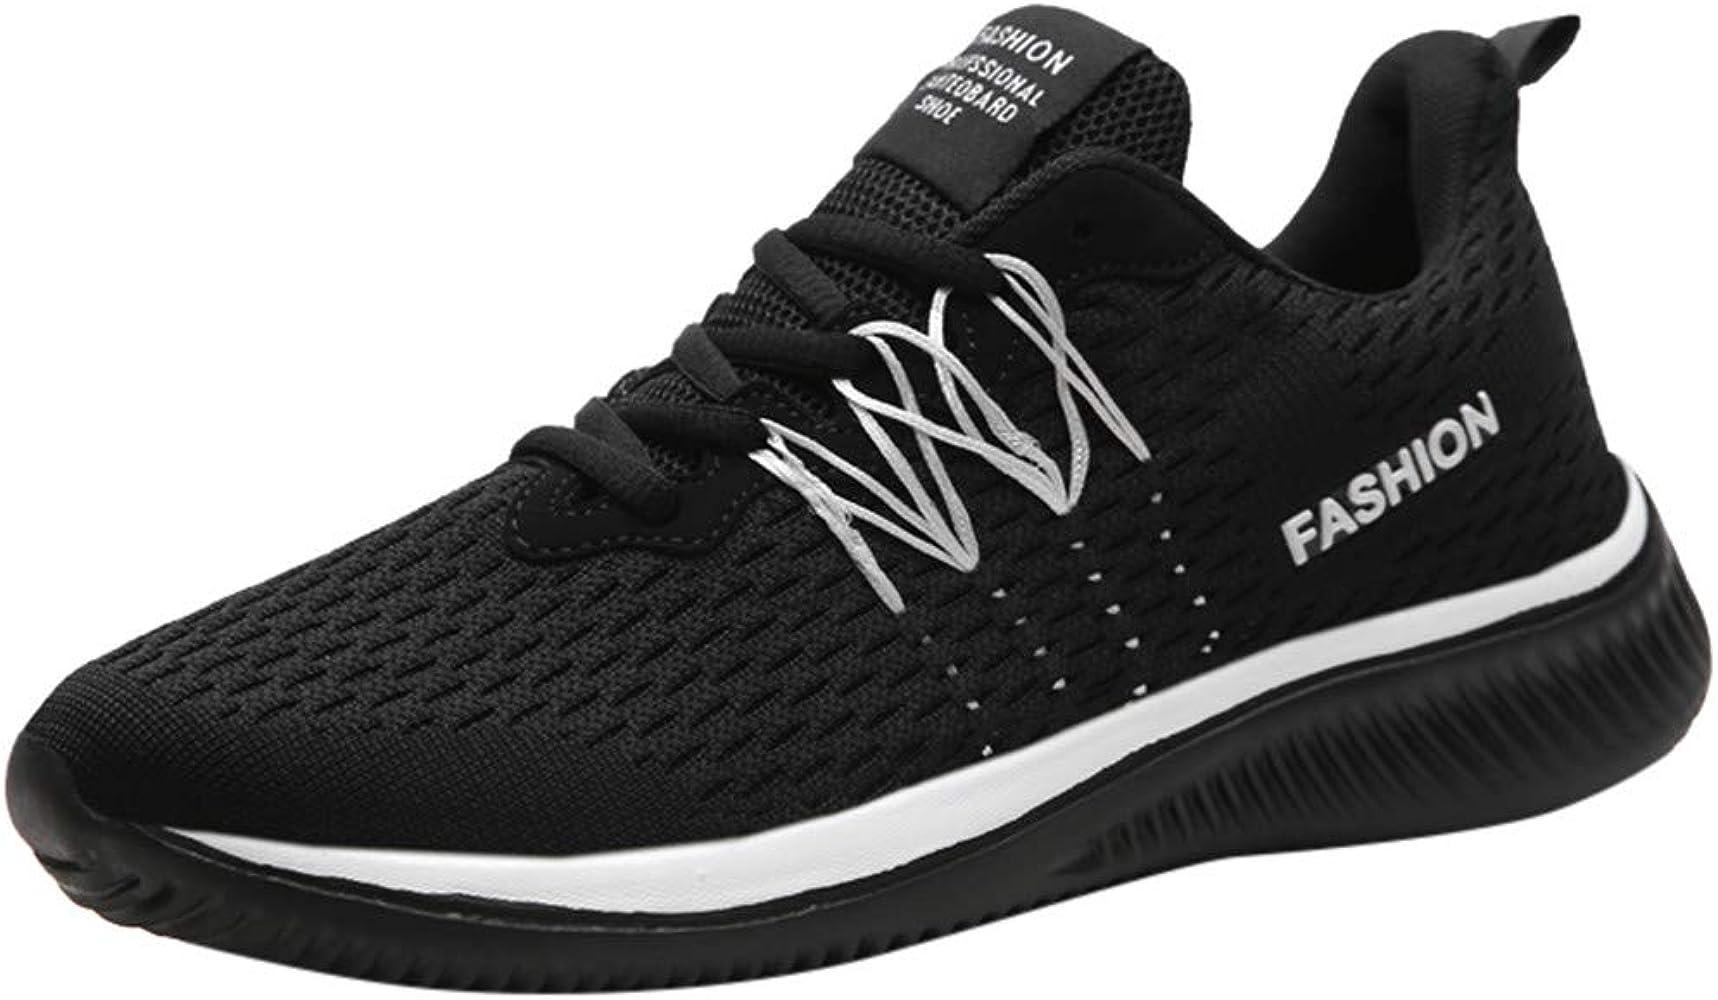 JiaMeng Zapatillas de Running para Hombre Zapatillas de Deporte para Caminar Transpirables, Ligeras, cómodas y Casuales Zapatillas para Correr Zapatos para Correr Transpirable Lace Up: Amazon.es: Ropa y accesorios